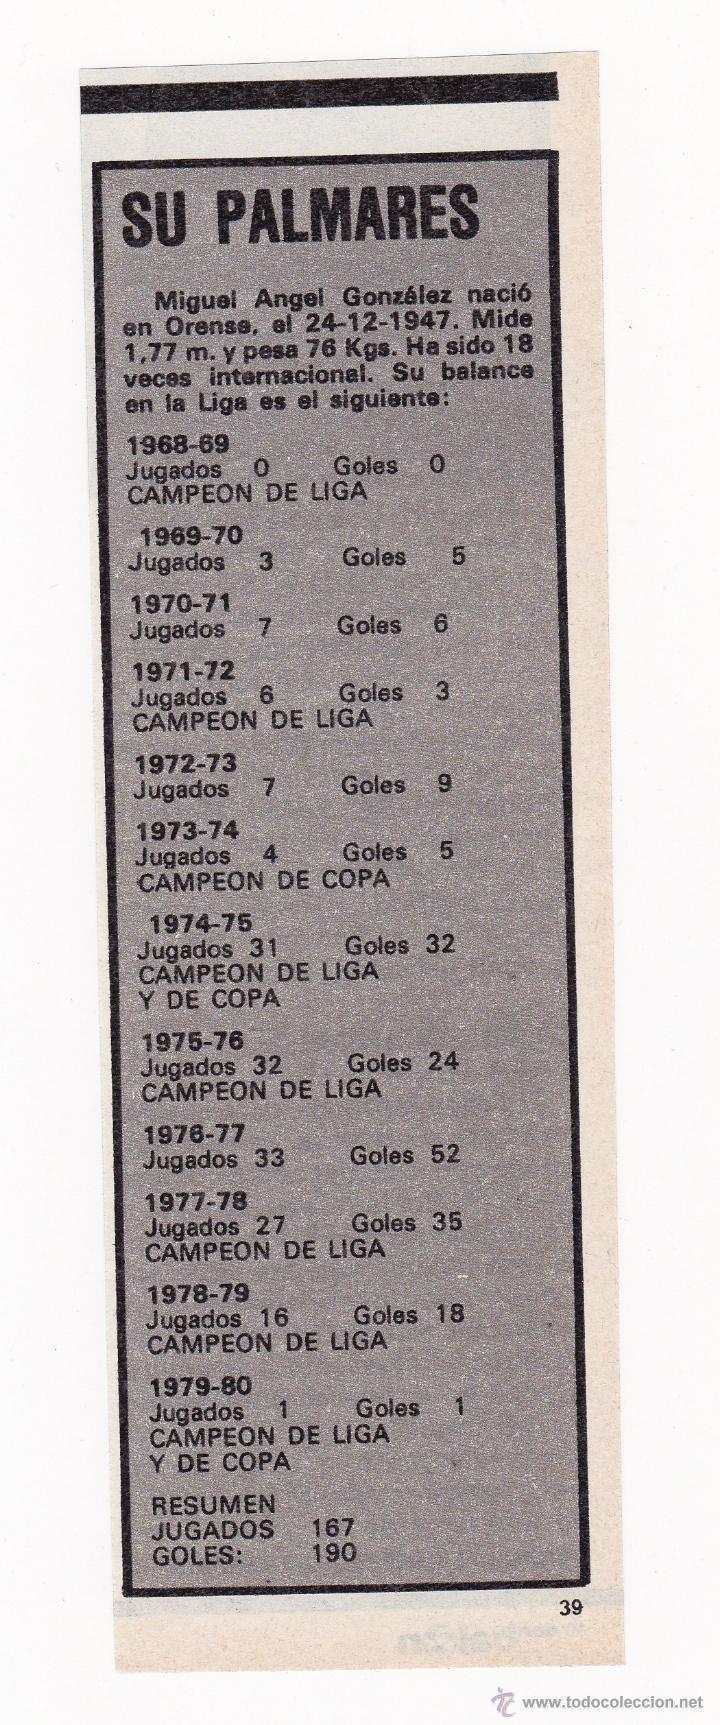 RECORTE TAMAÑO 6.5 X 20 CM - MIGUEL ANGEL PORTERO REAL MADRID CF PALMARES (Coleccionismo Deportivo - Documentos de Deportes - Otros)